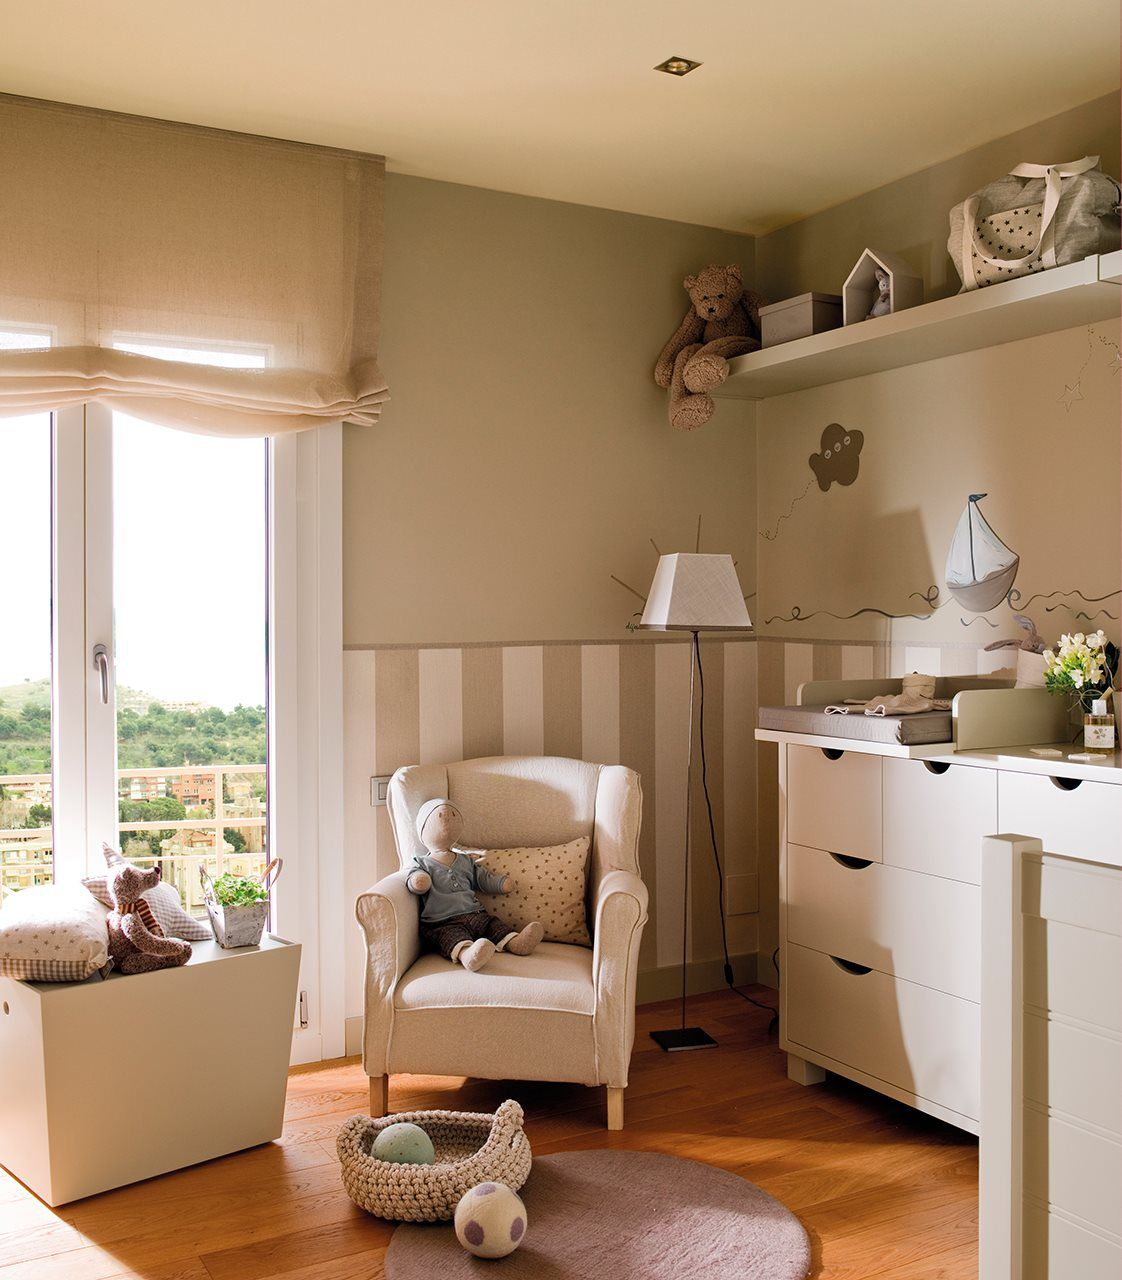 Beige Y Blanco Un Cl Sico Ideal Cuartos Infantiles Pinterest  ~ Pintura Para Habitaciones Infantiles